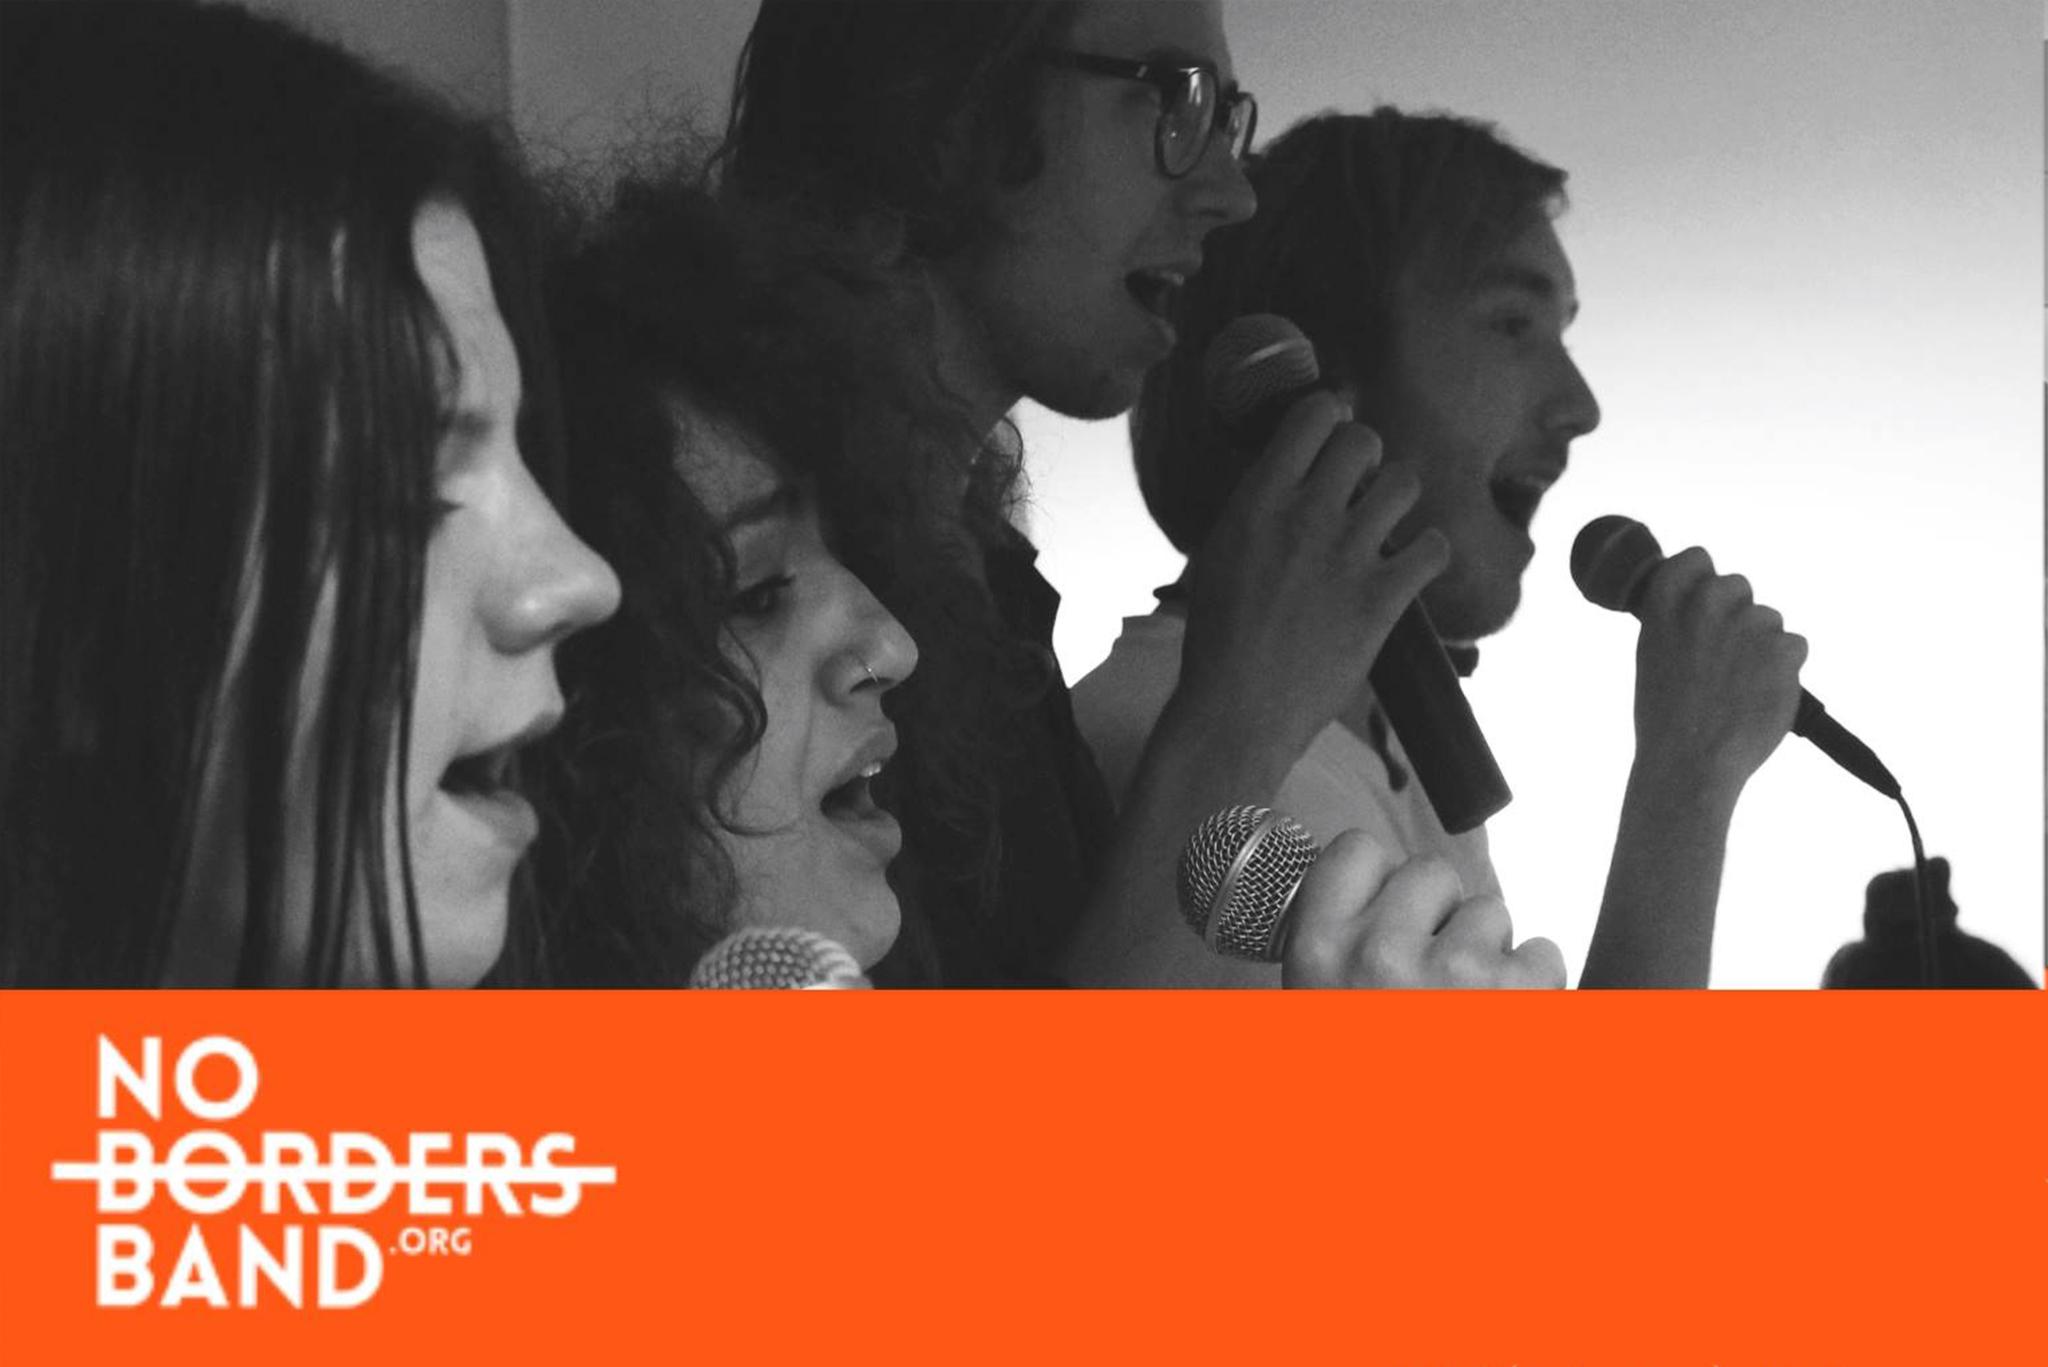 No Borders Band